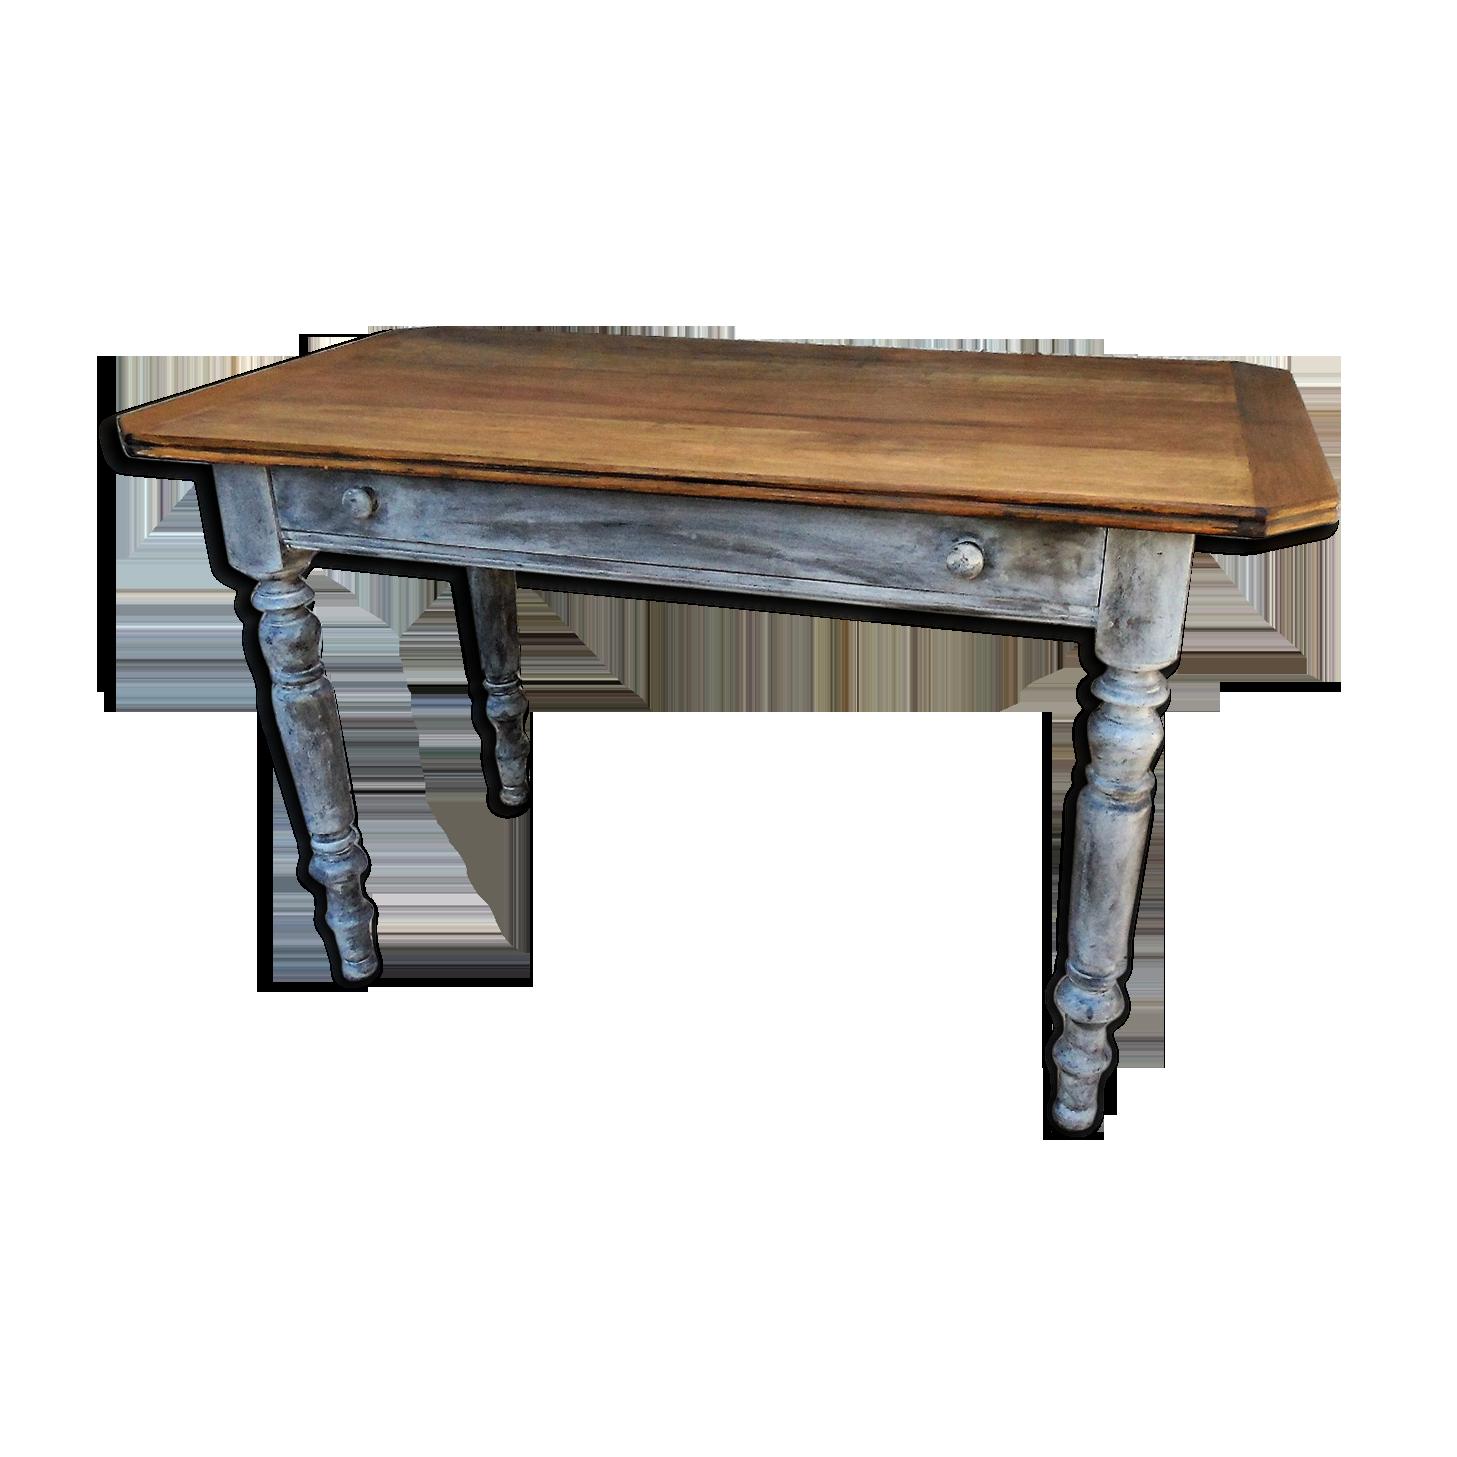 Table bureau en bois et patine shabby chic bois matériau